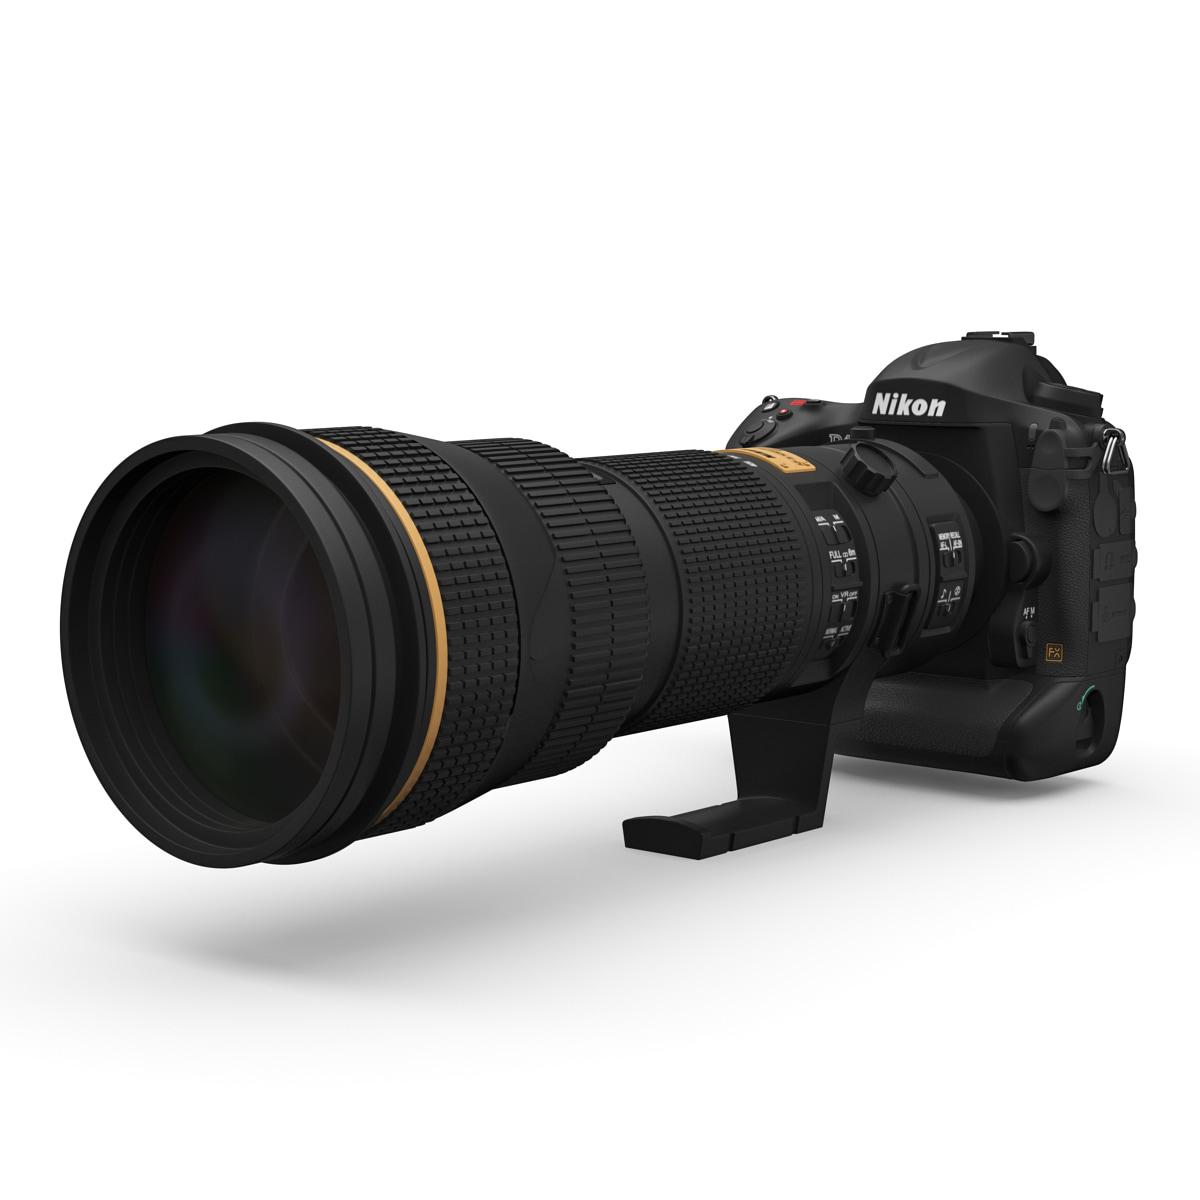 Nikon_D4_V2_001.jpg